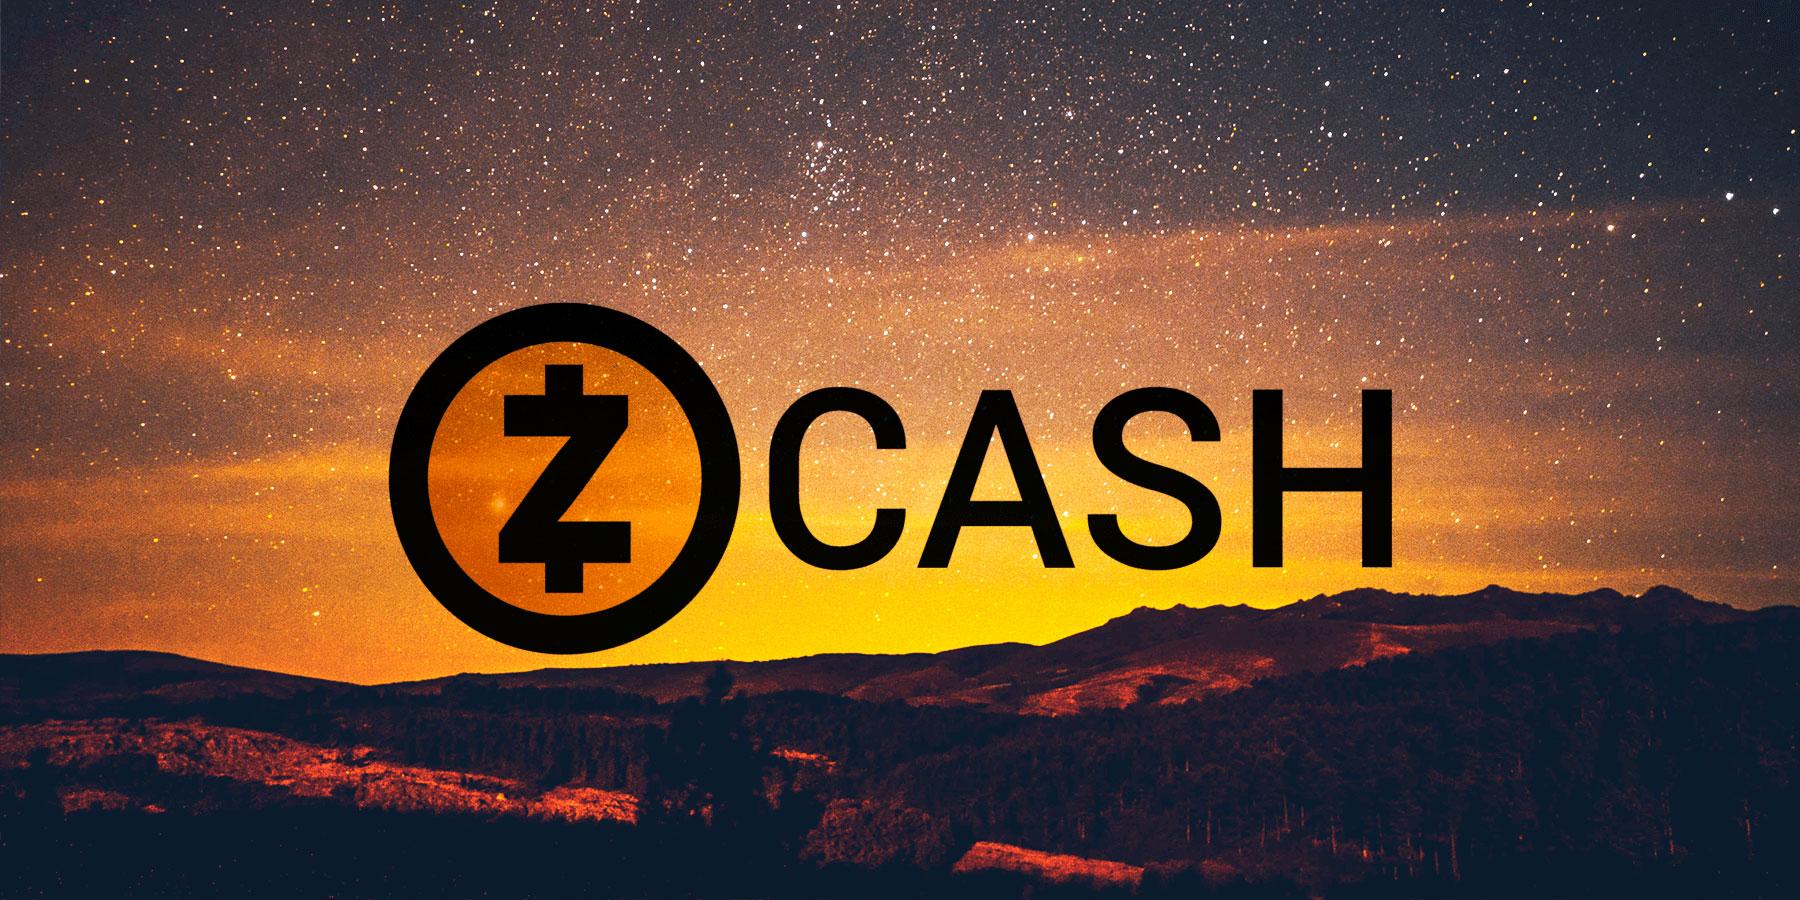 Zcash nueva vulnerabilidad detectada